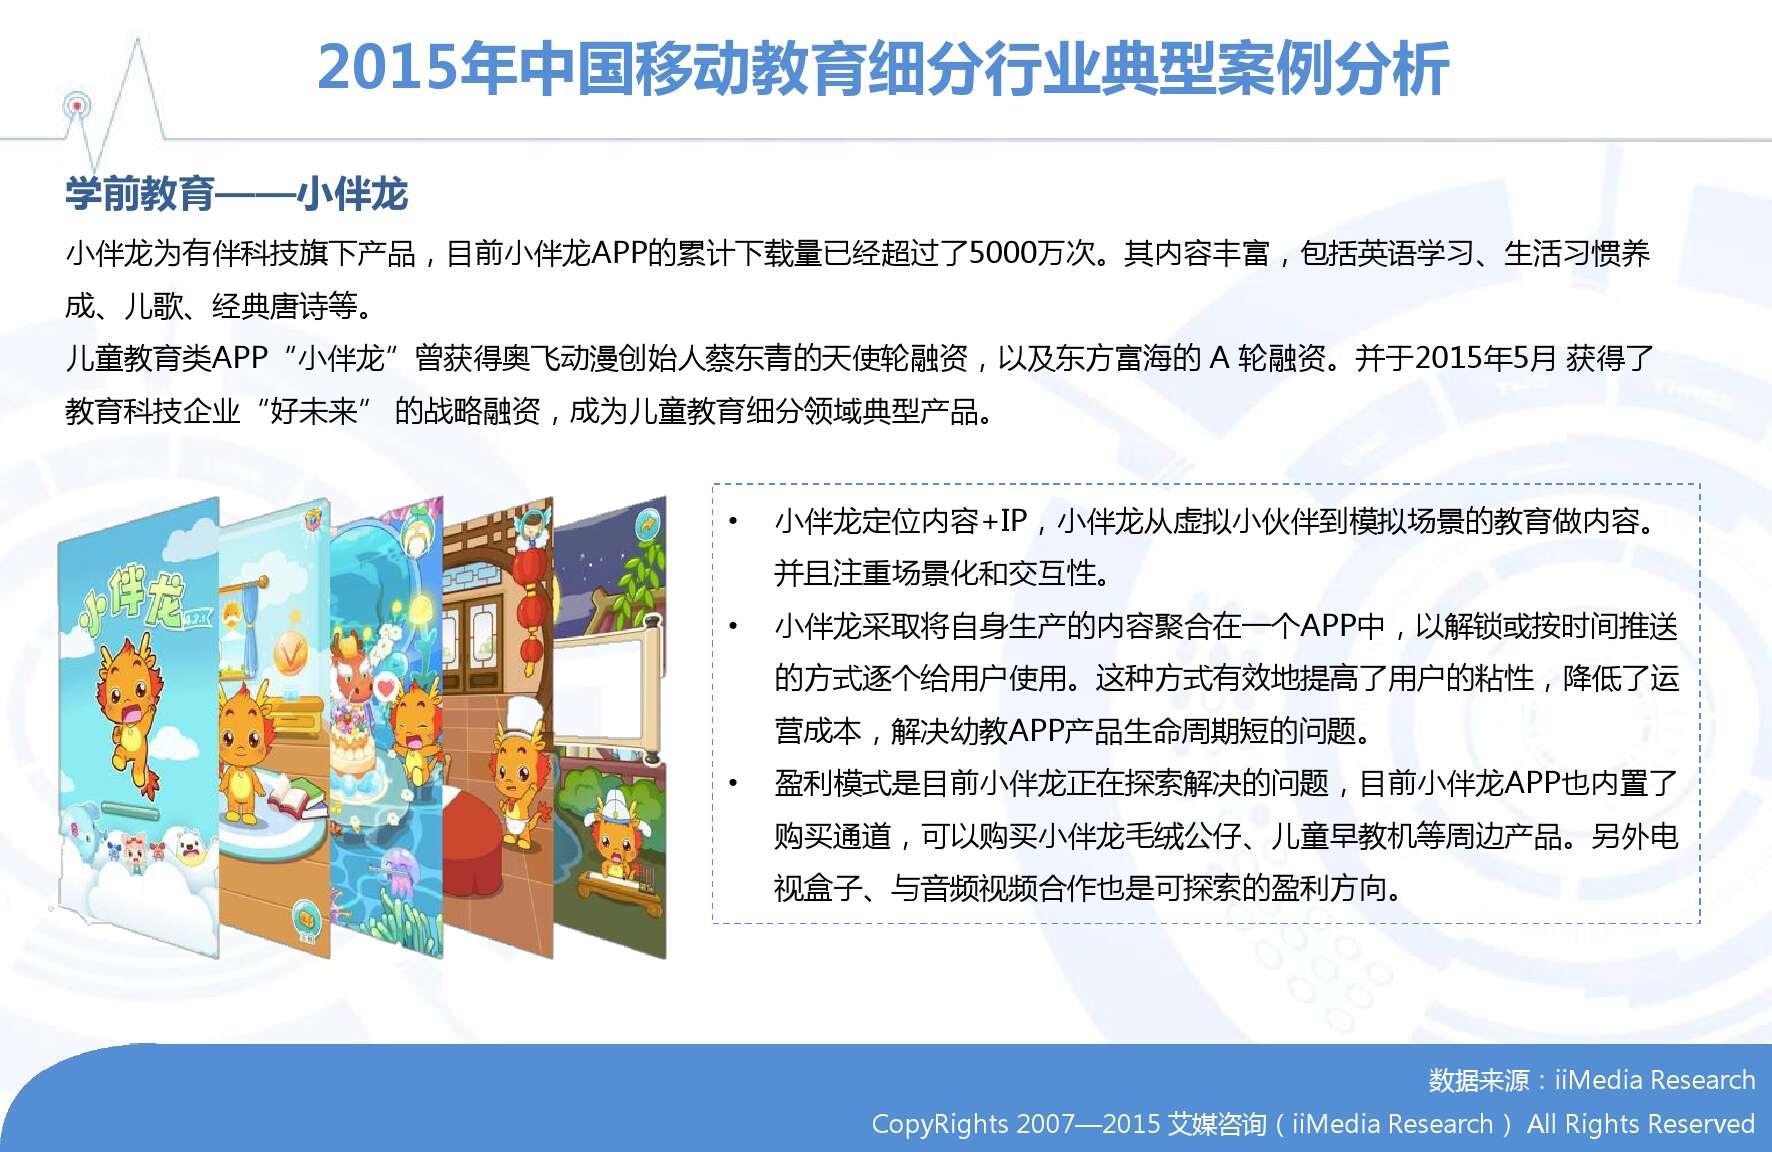 2015-2016年中国移动教育市场研究报告_000028